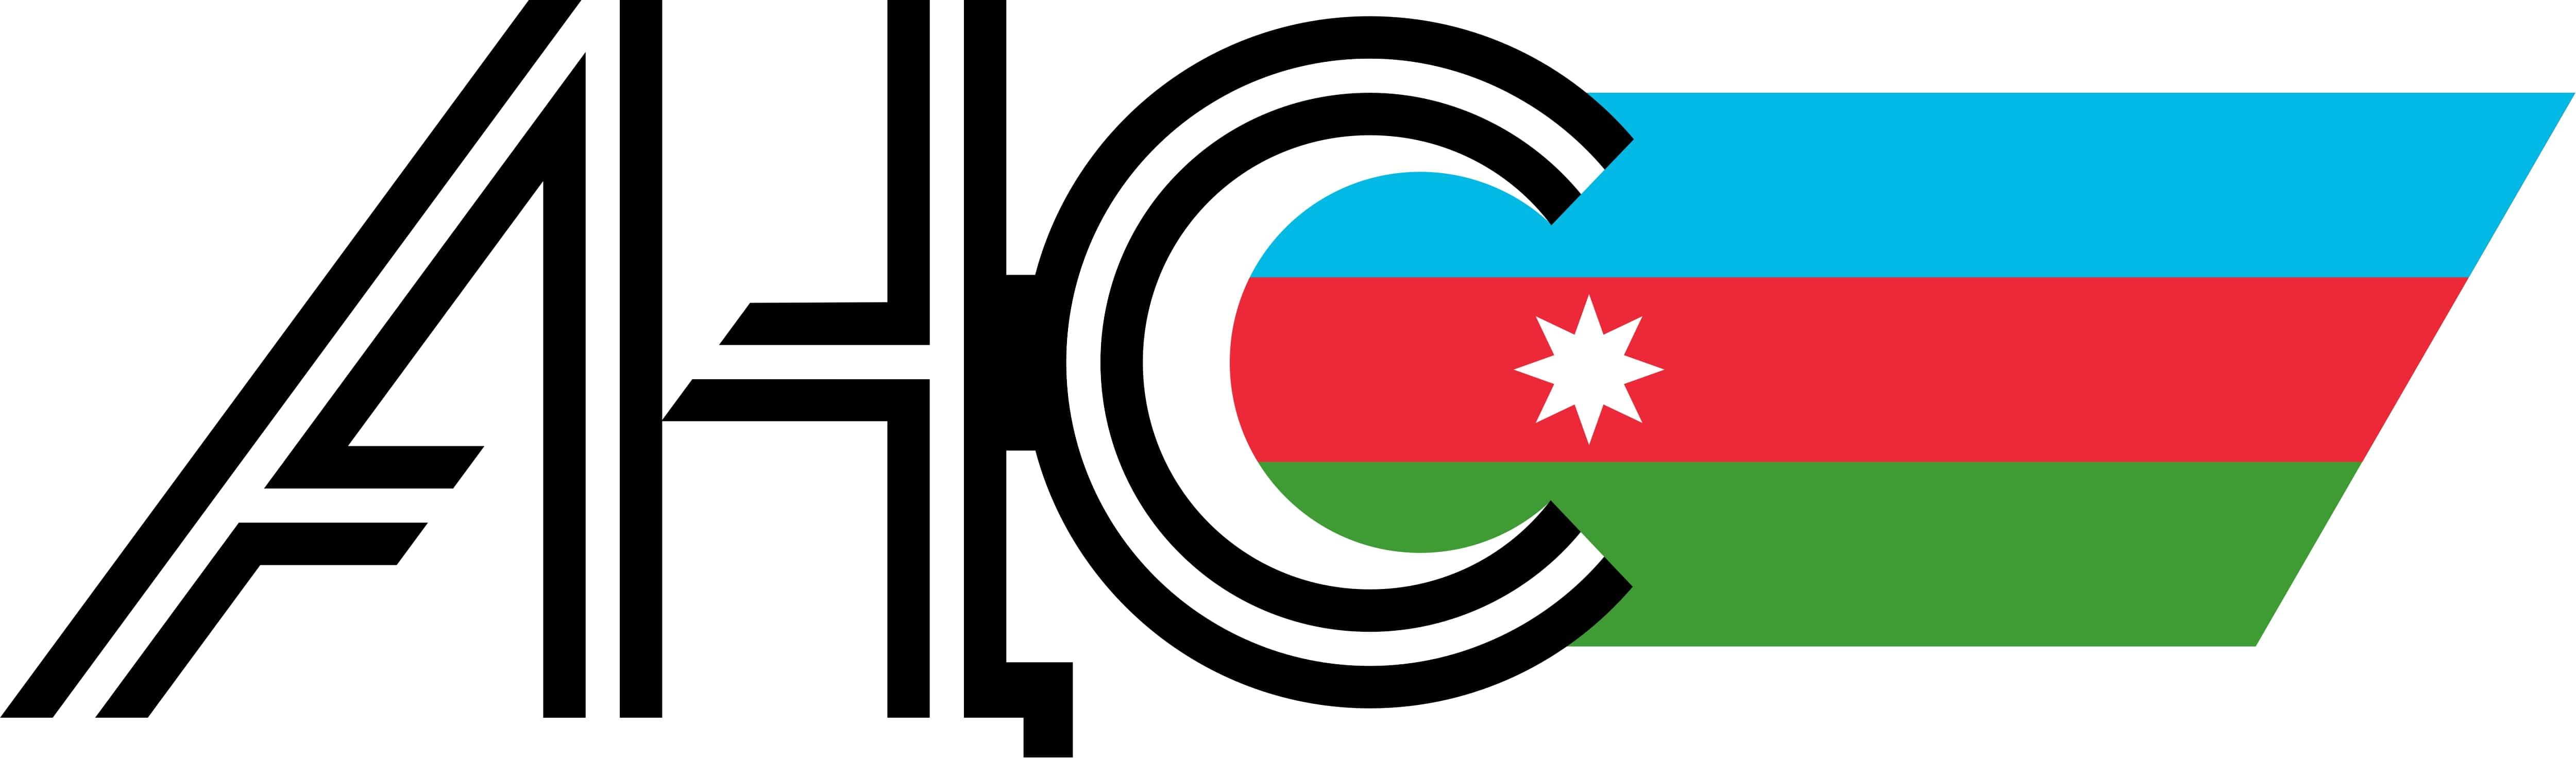 Siti di incontri in Azerbaigian